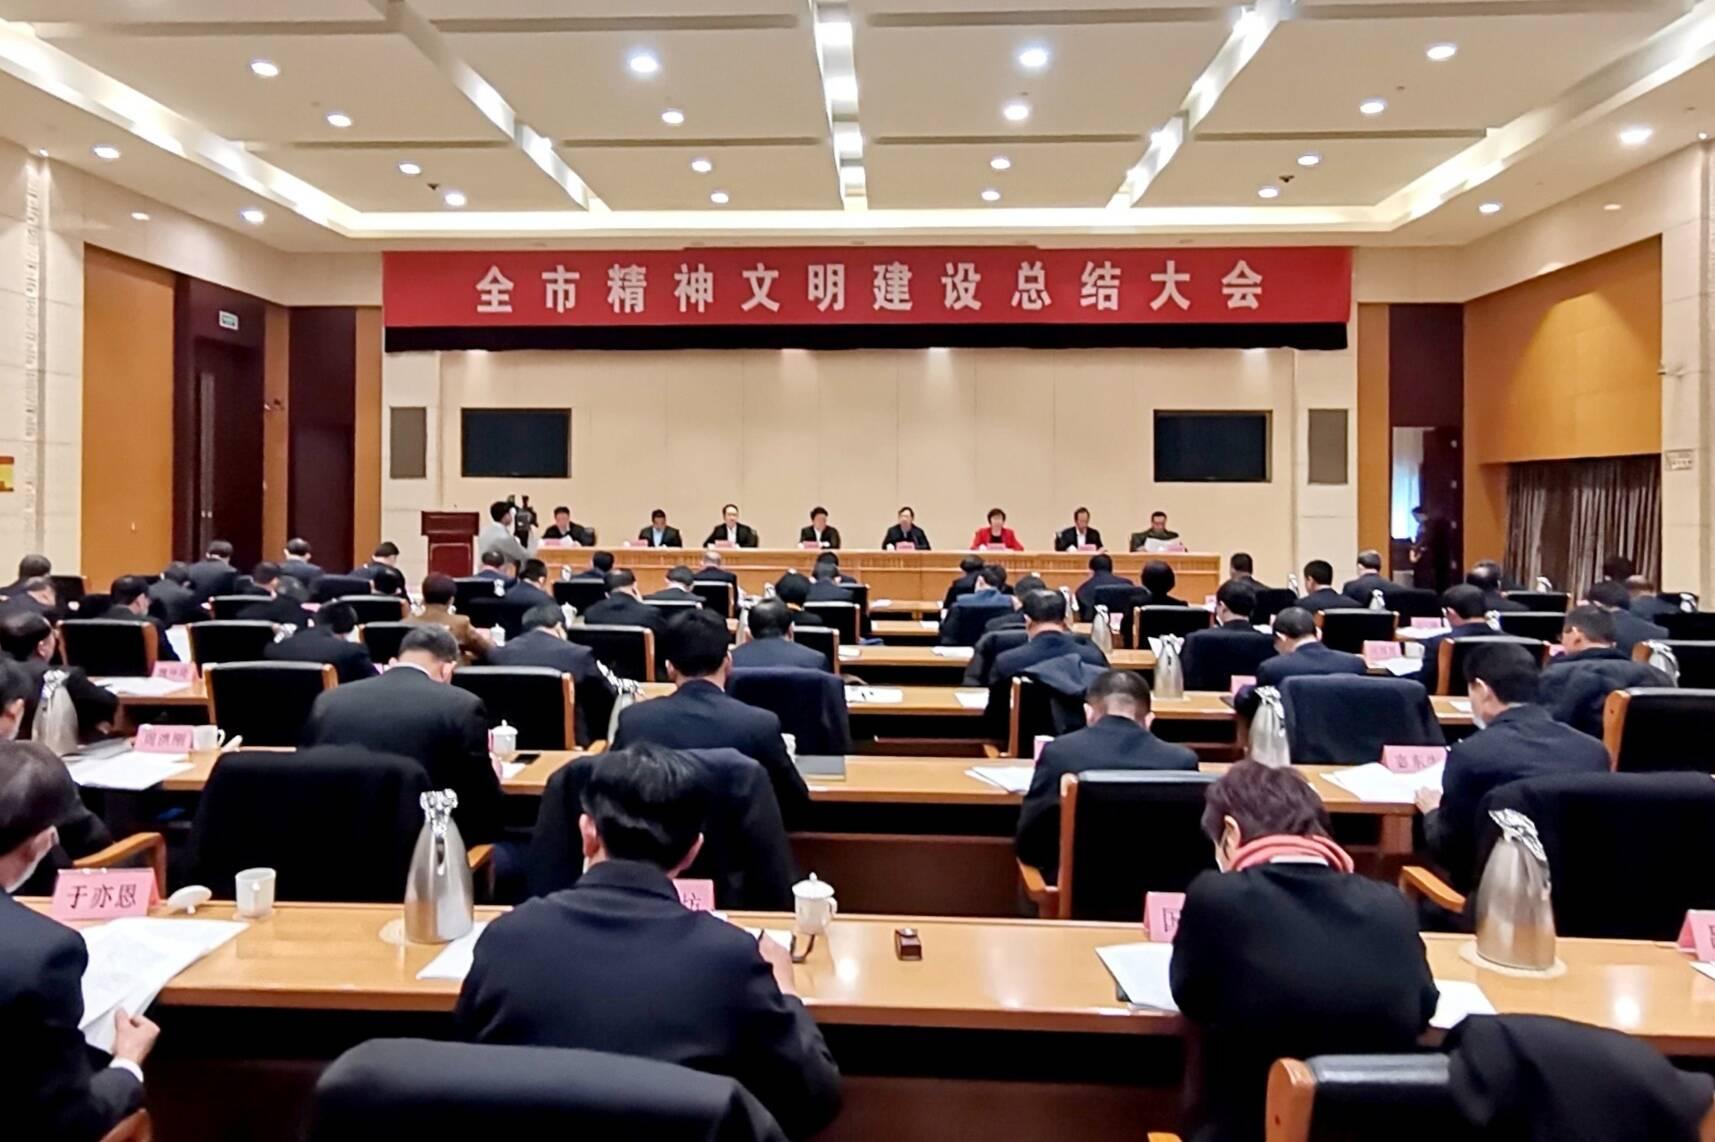 淄博市精神文明建设总结大会召开